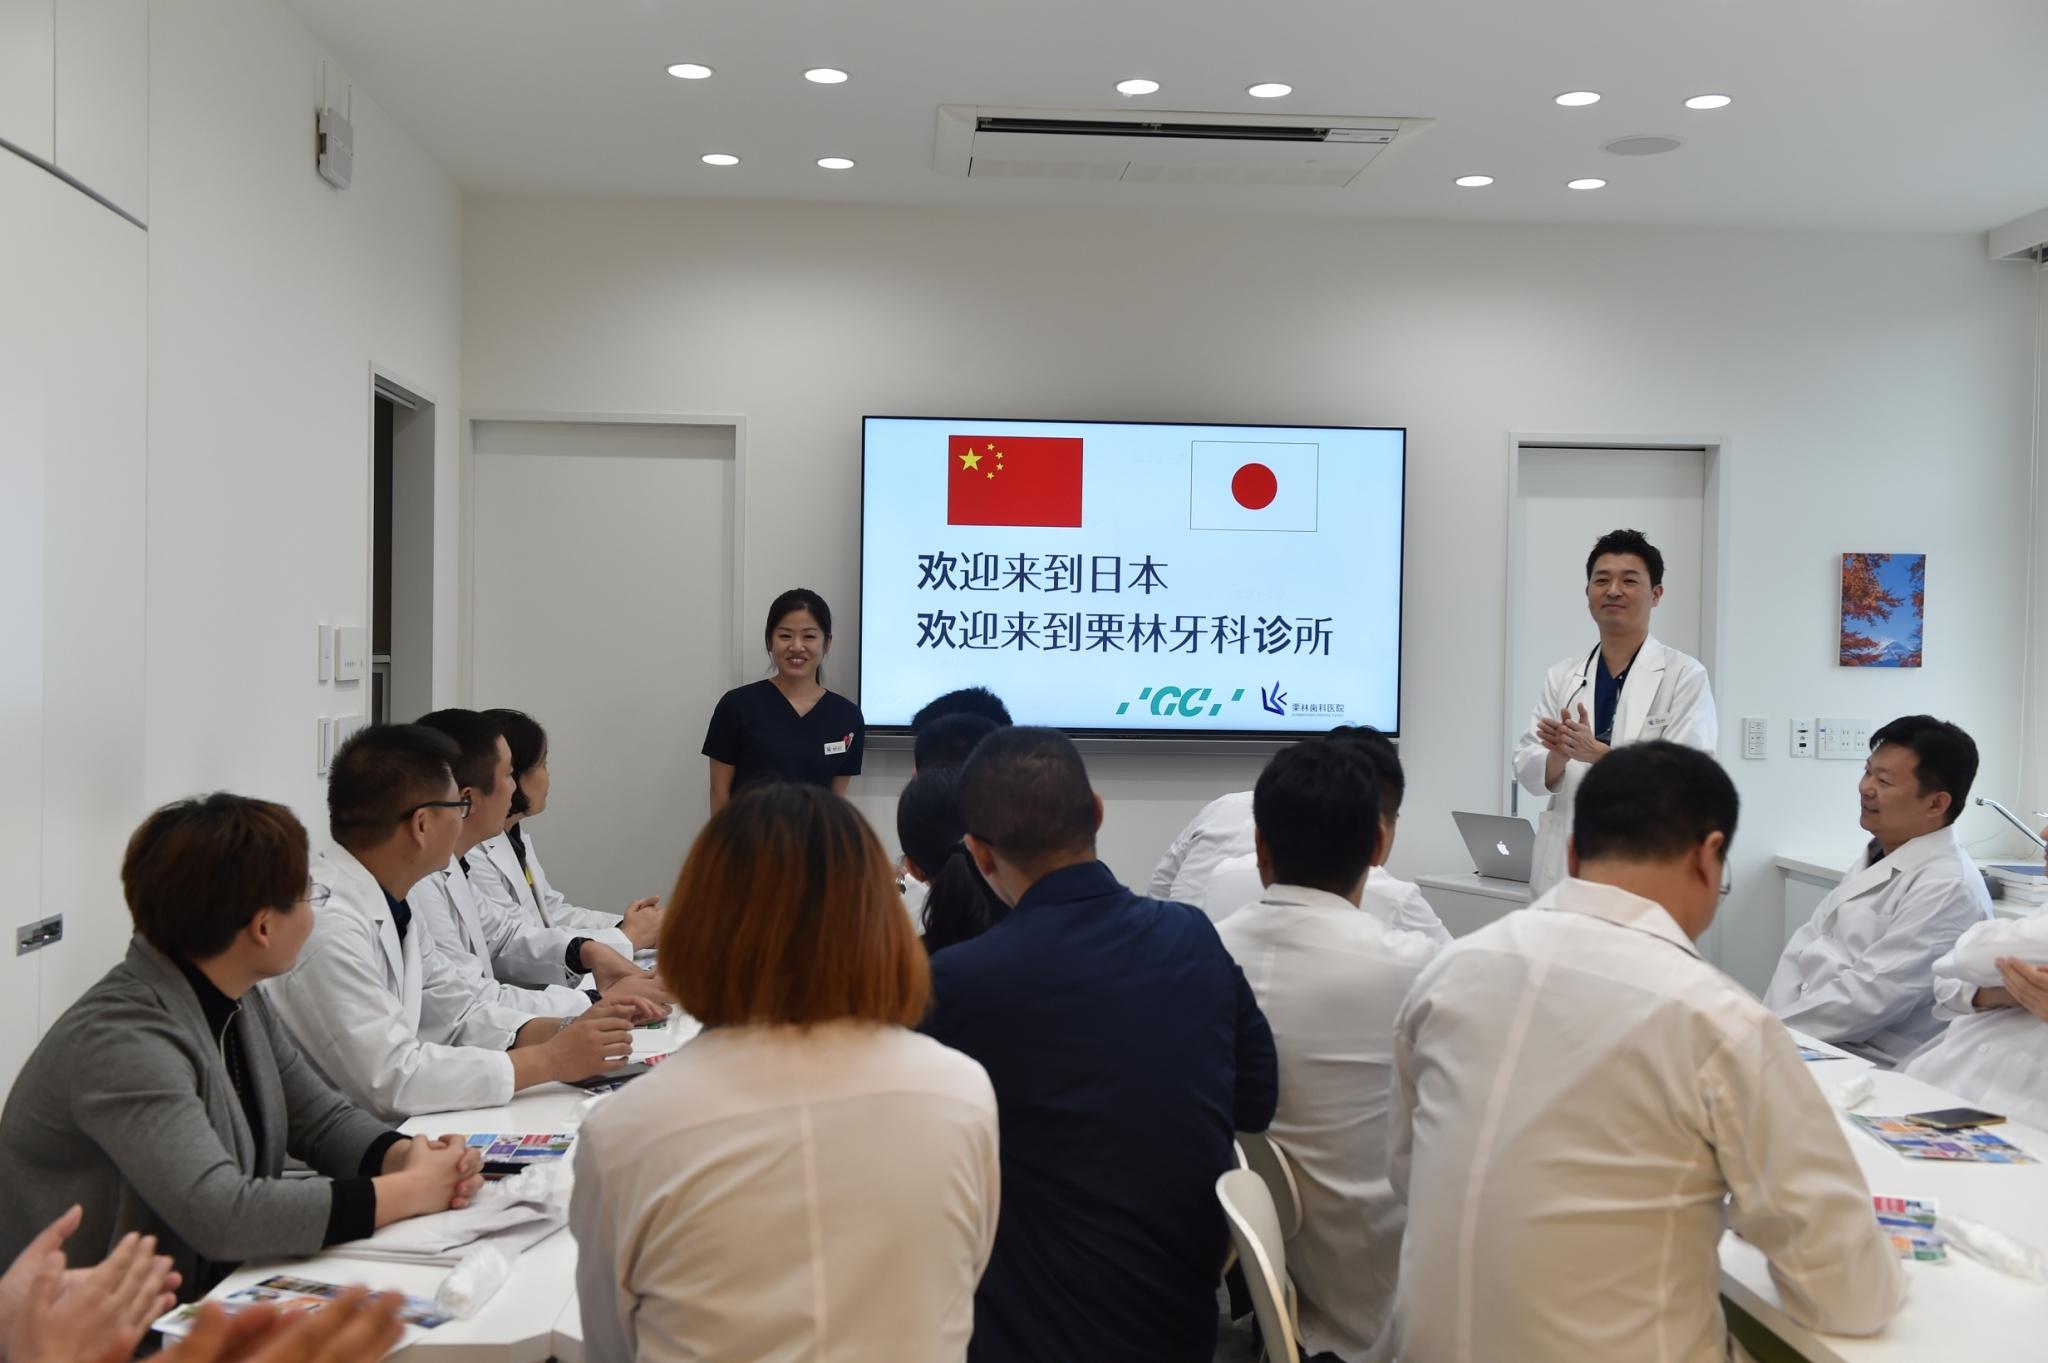 中国歯科医師来院_171027_0084